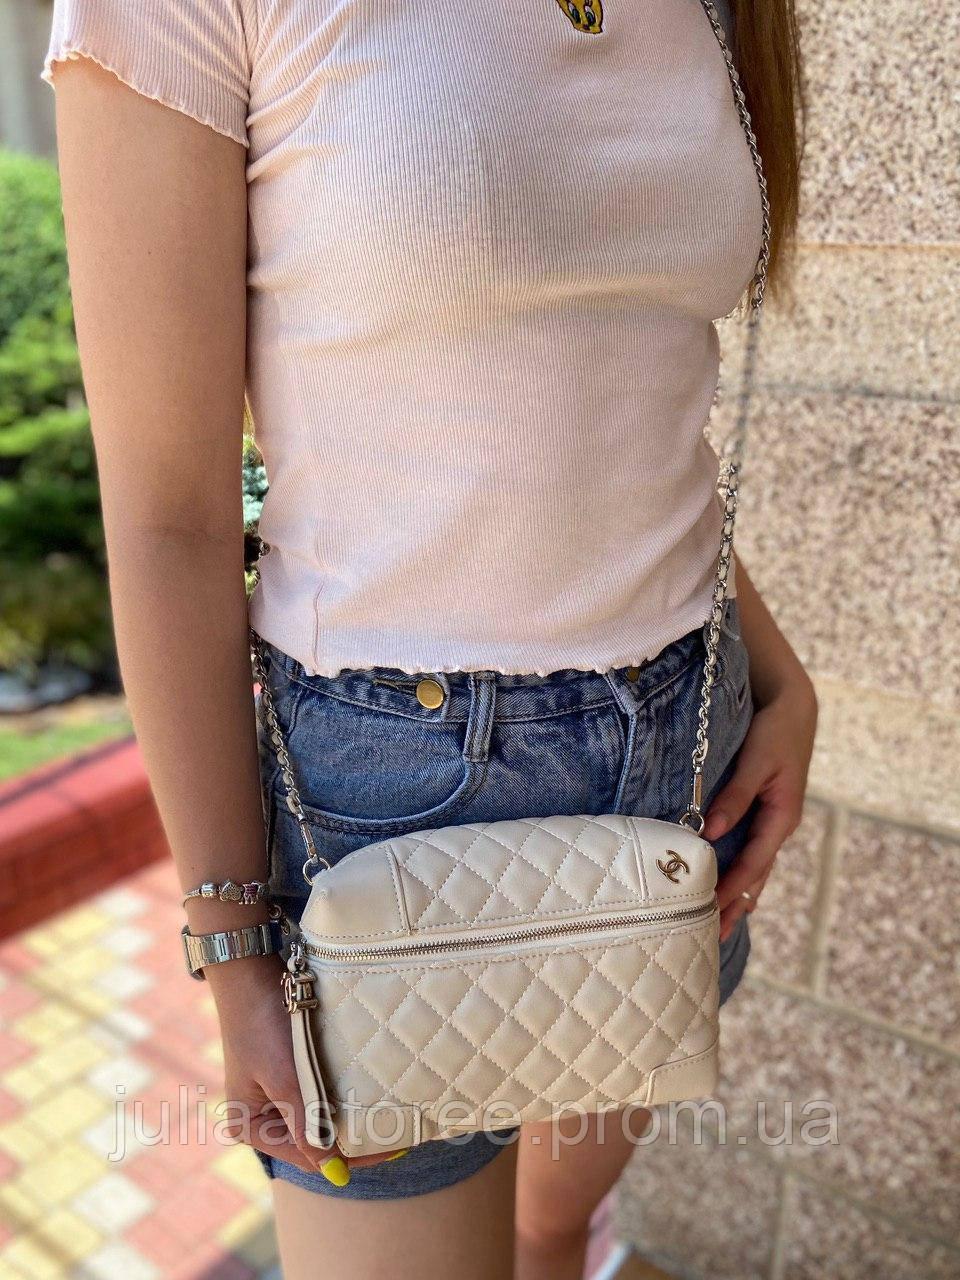 Женская сумка на цепочке через плечо Chanel Шанель реплика 7